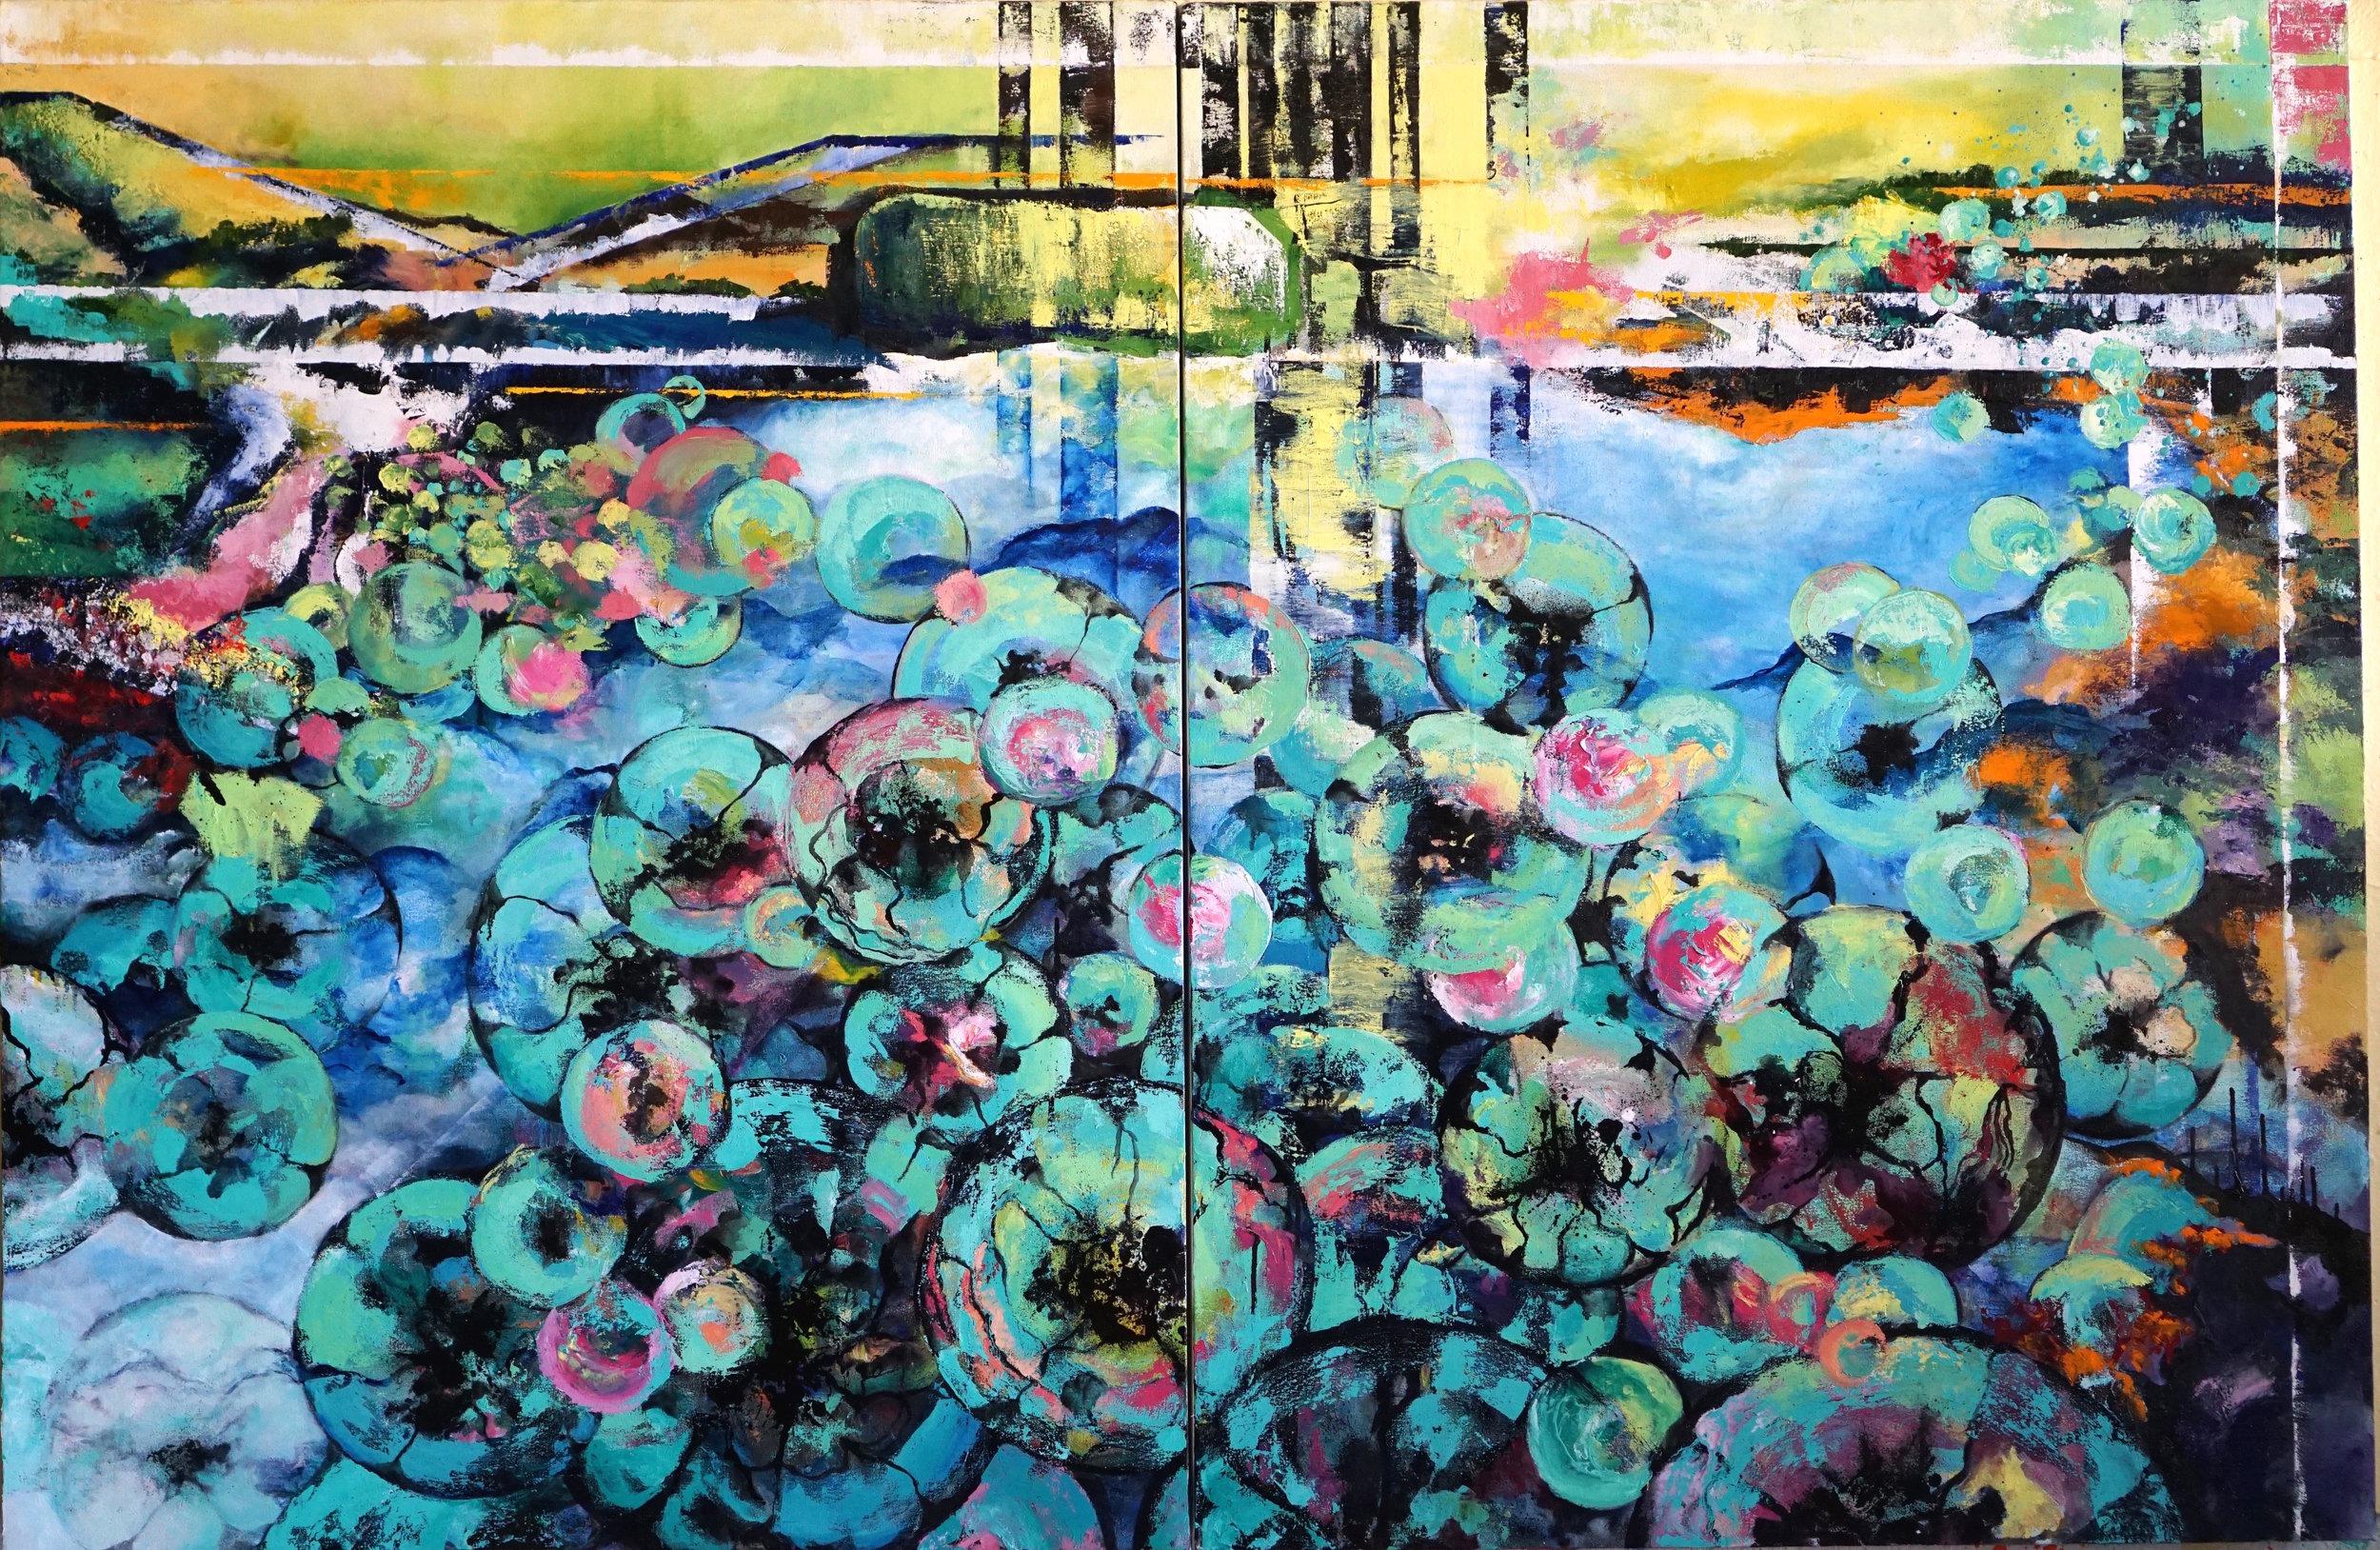 Dreamer's Pond No. 3